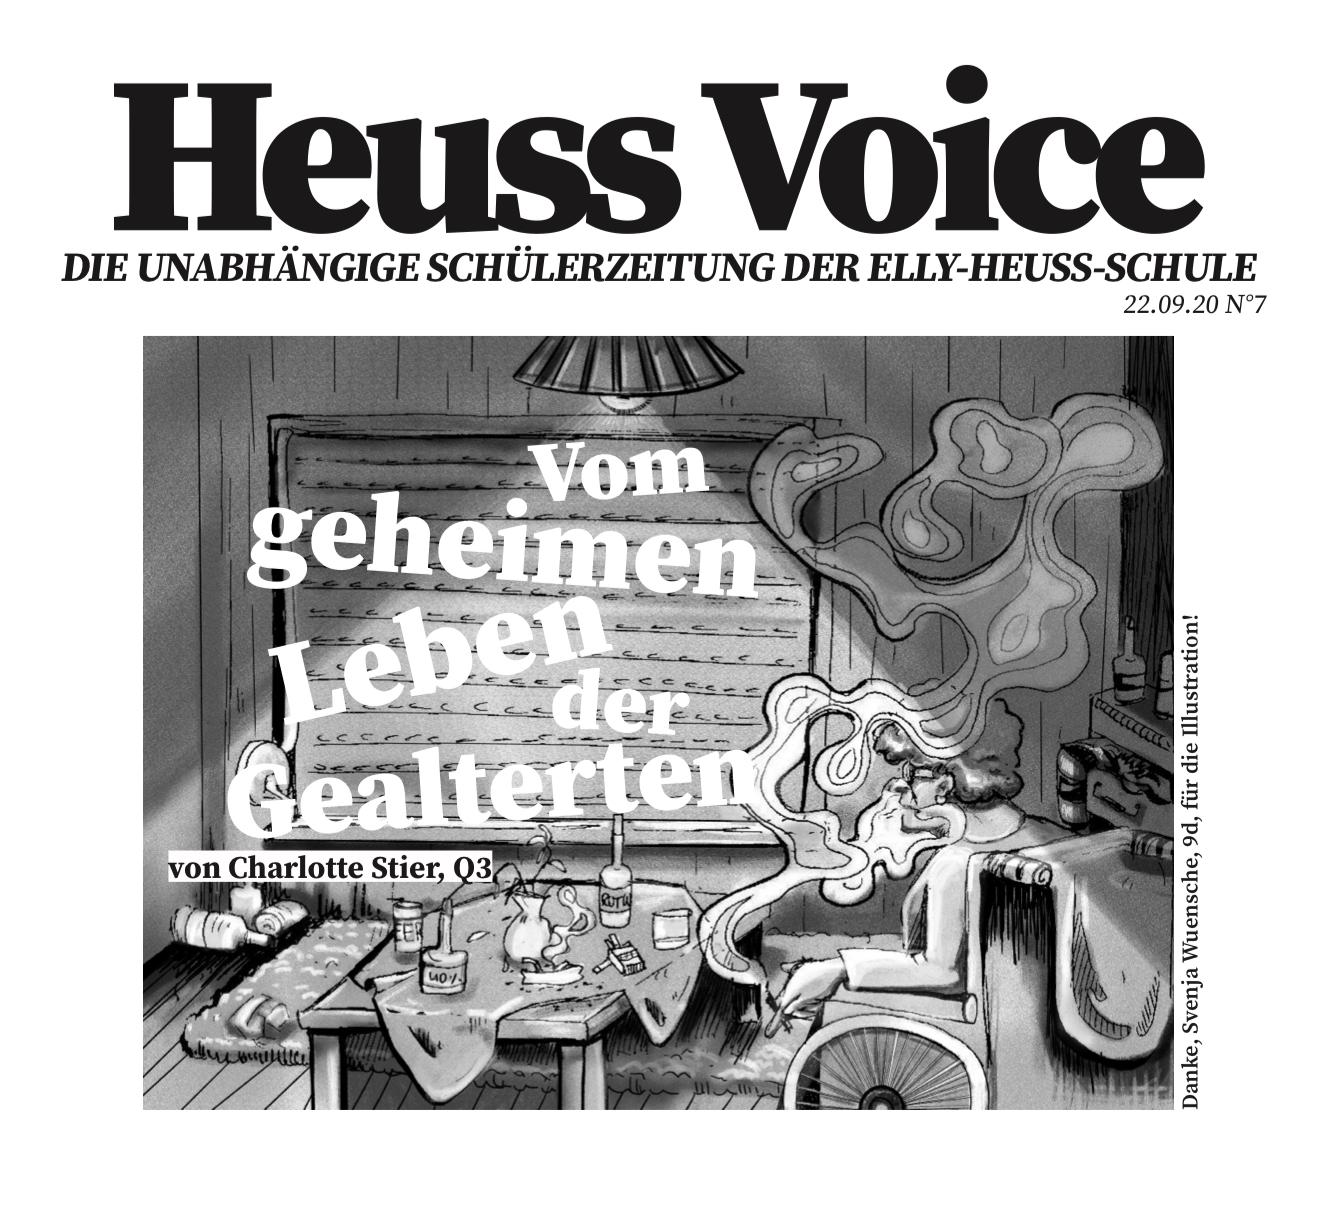 September-Ausgabe der Heuss Voice Schülerzeitung